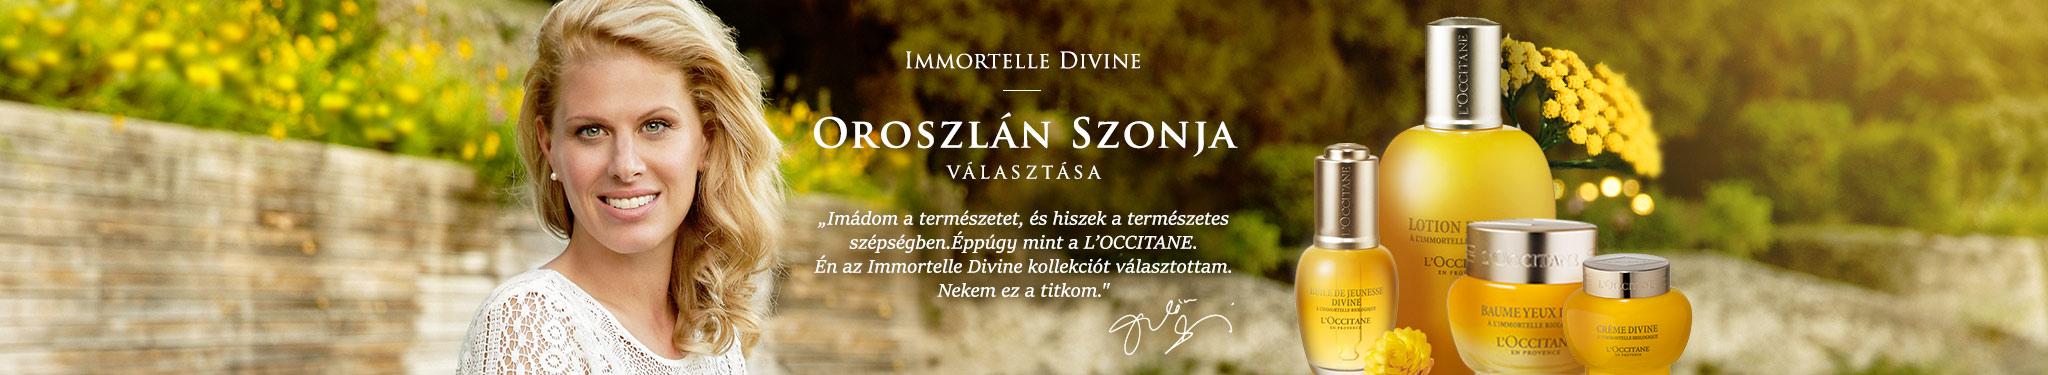 Immortelle Divine